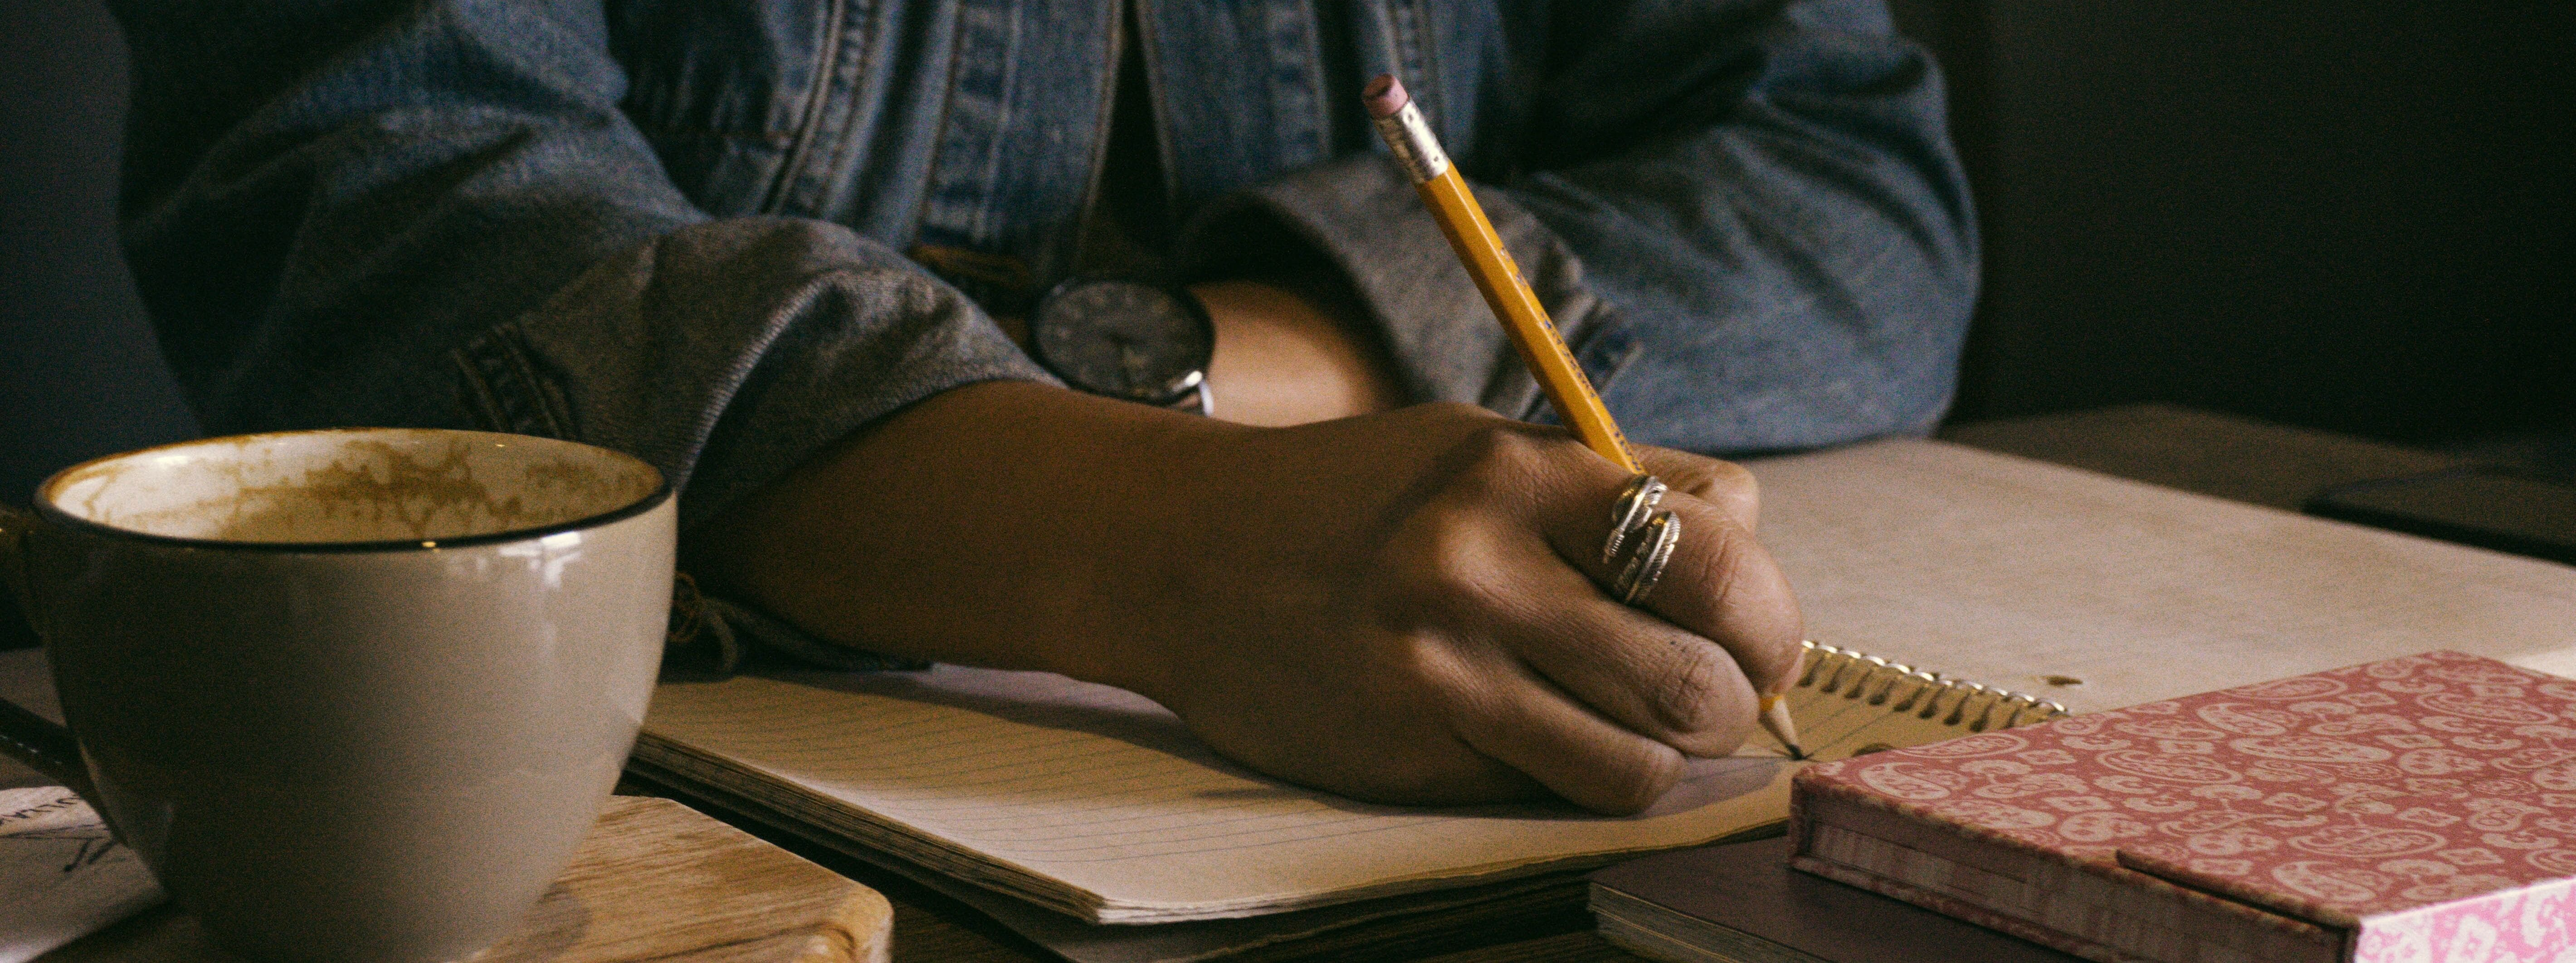 Estratégias argumentativas - imagem de uma pessoa escrevendo em um caderno com um lápis.